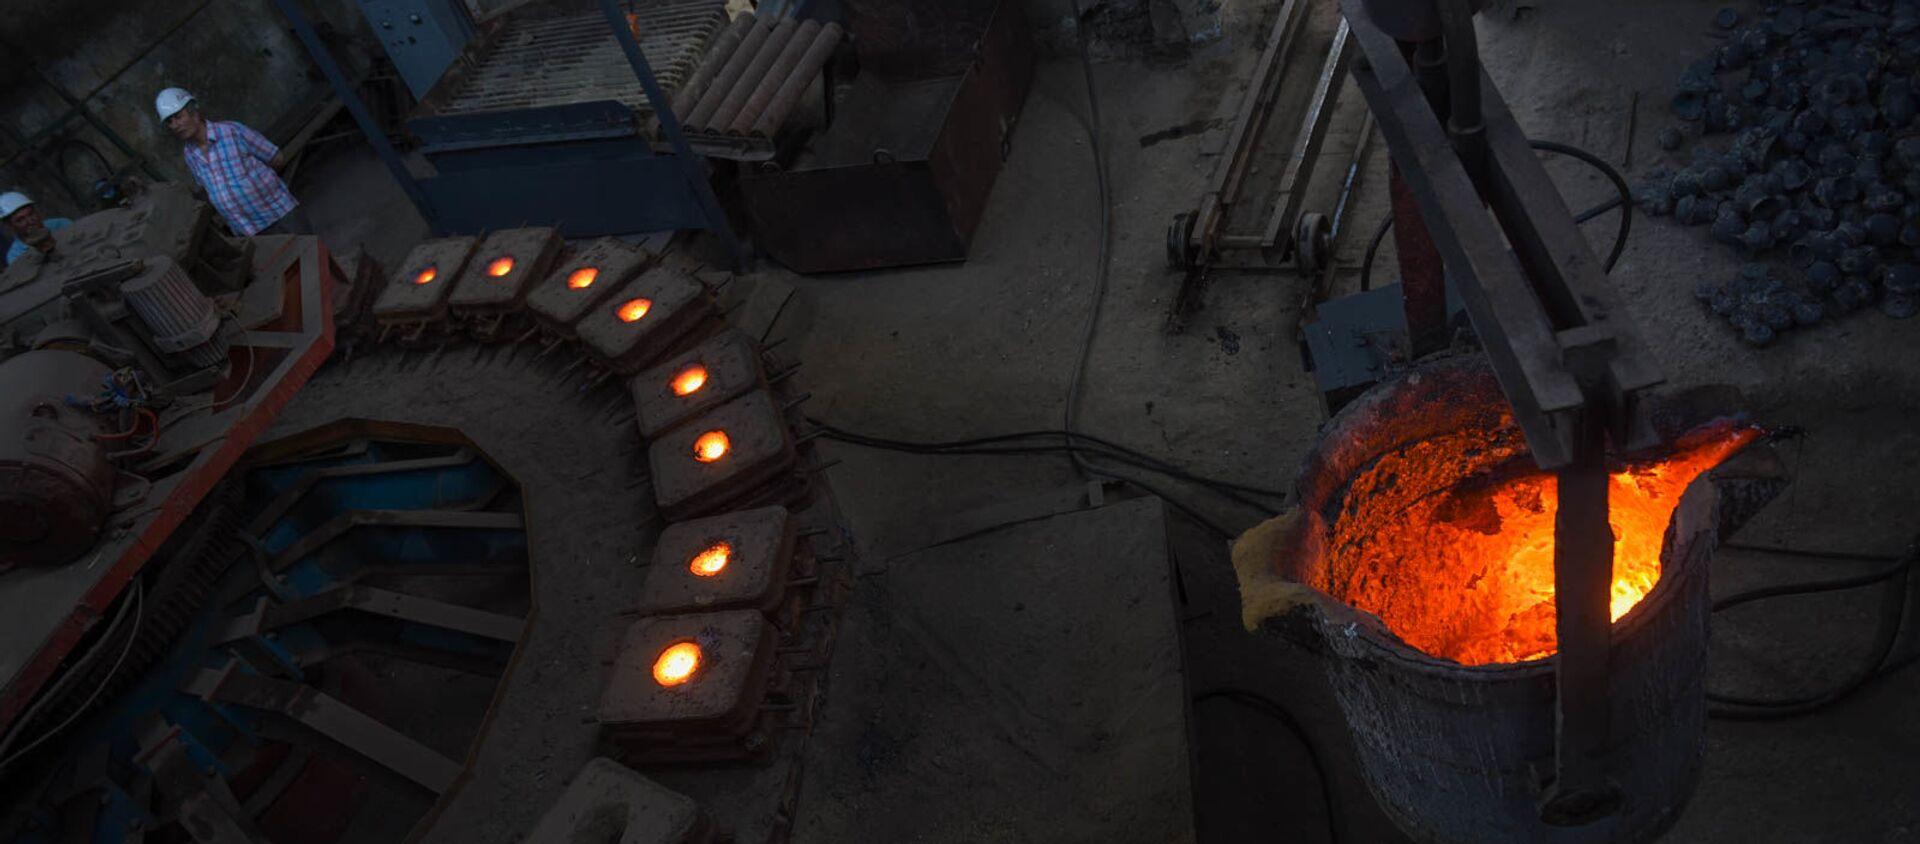 Производство шаров для рудных мельниц на медеплавильном заводе ACP, город Алаверди - Sputnik Արմենիա, 1920, 14.10.2019